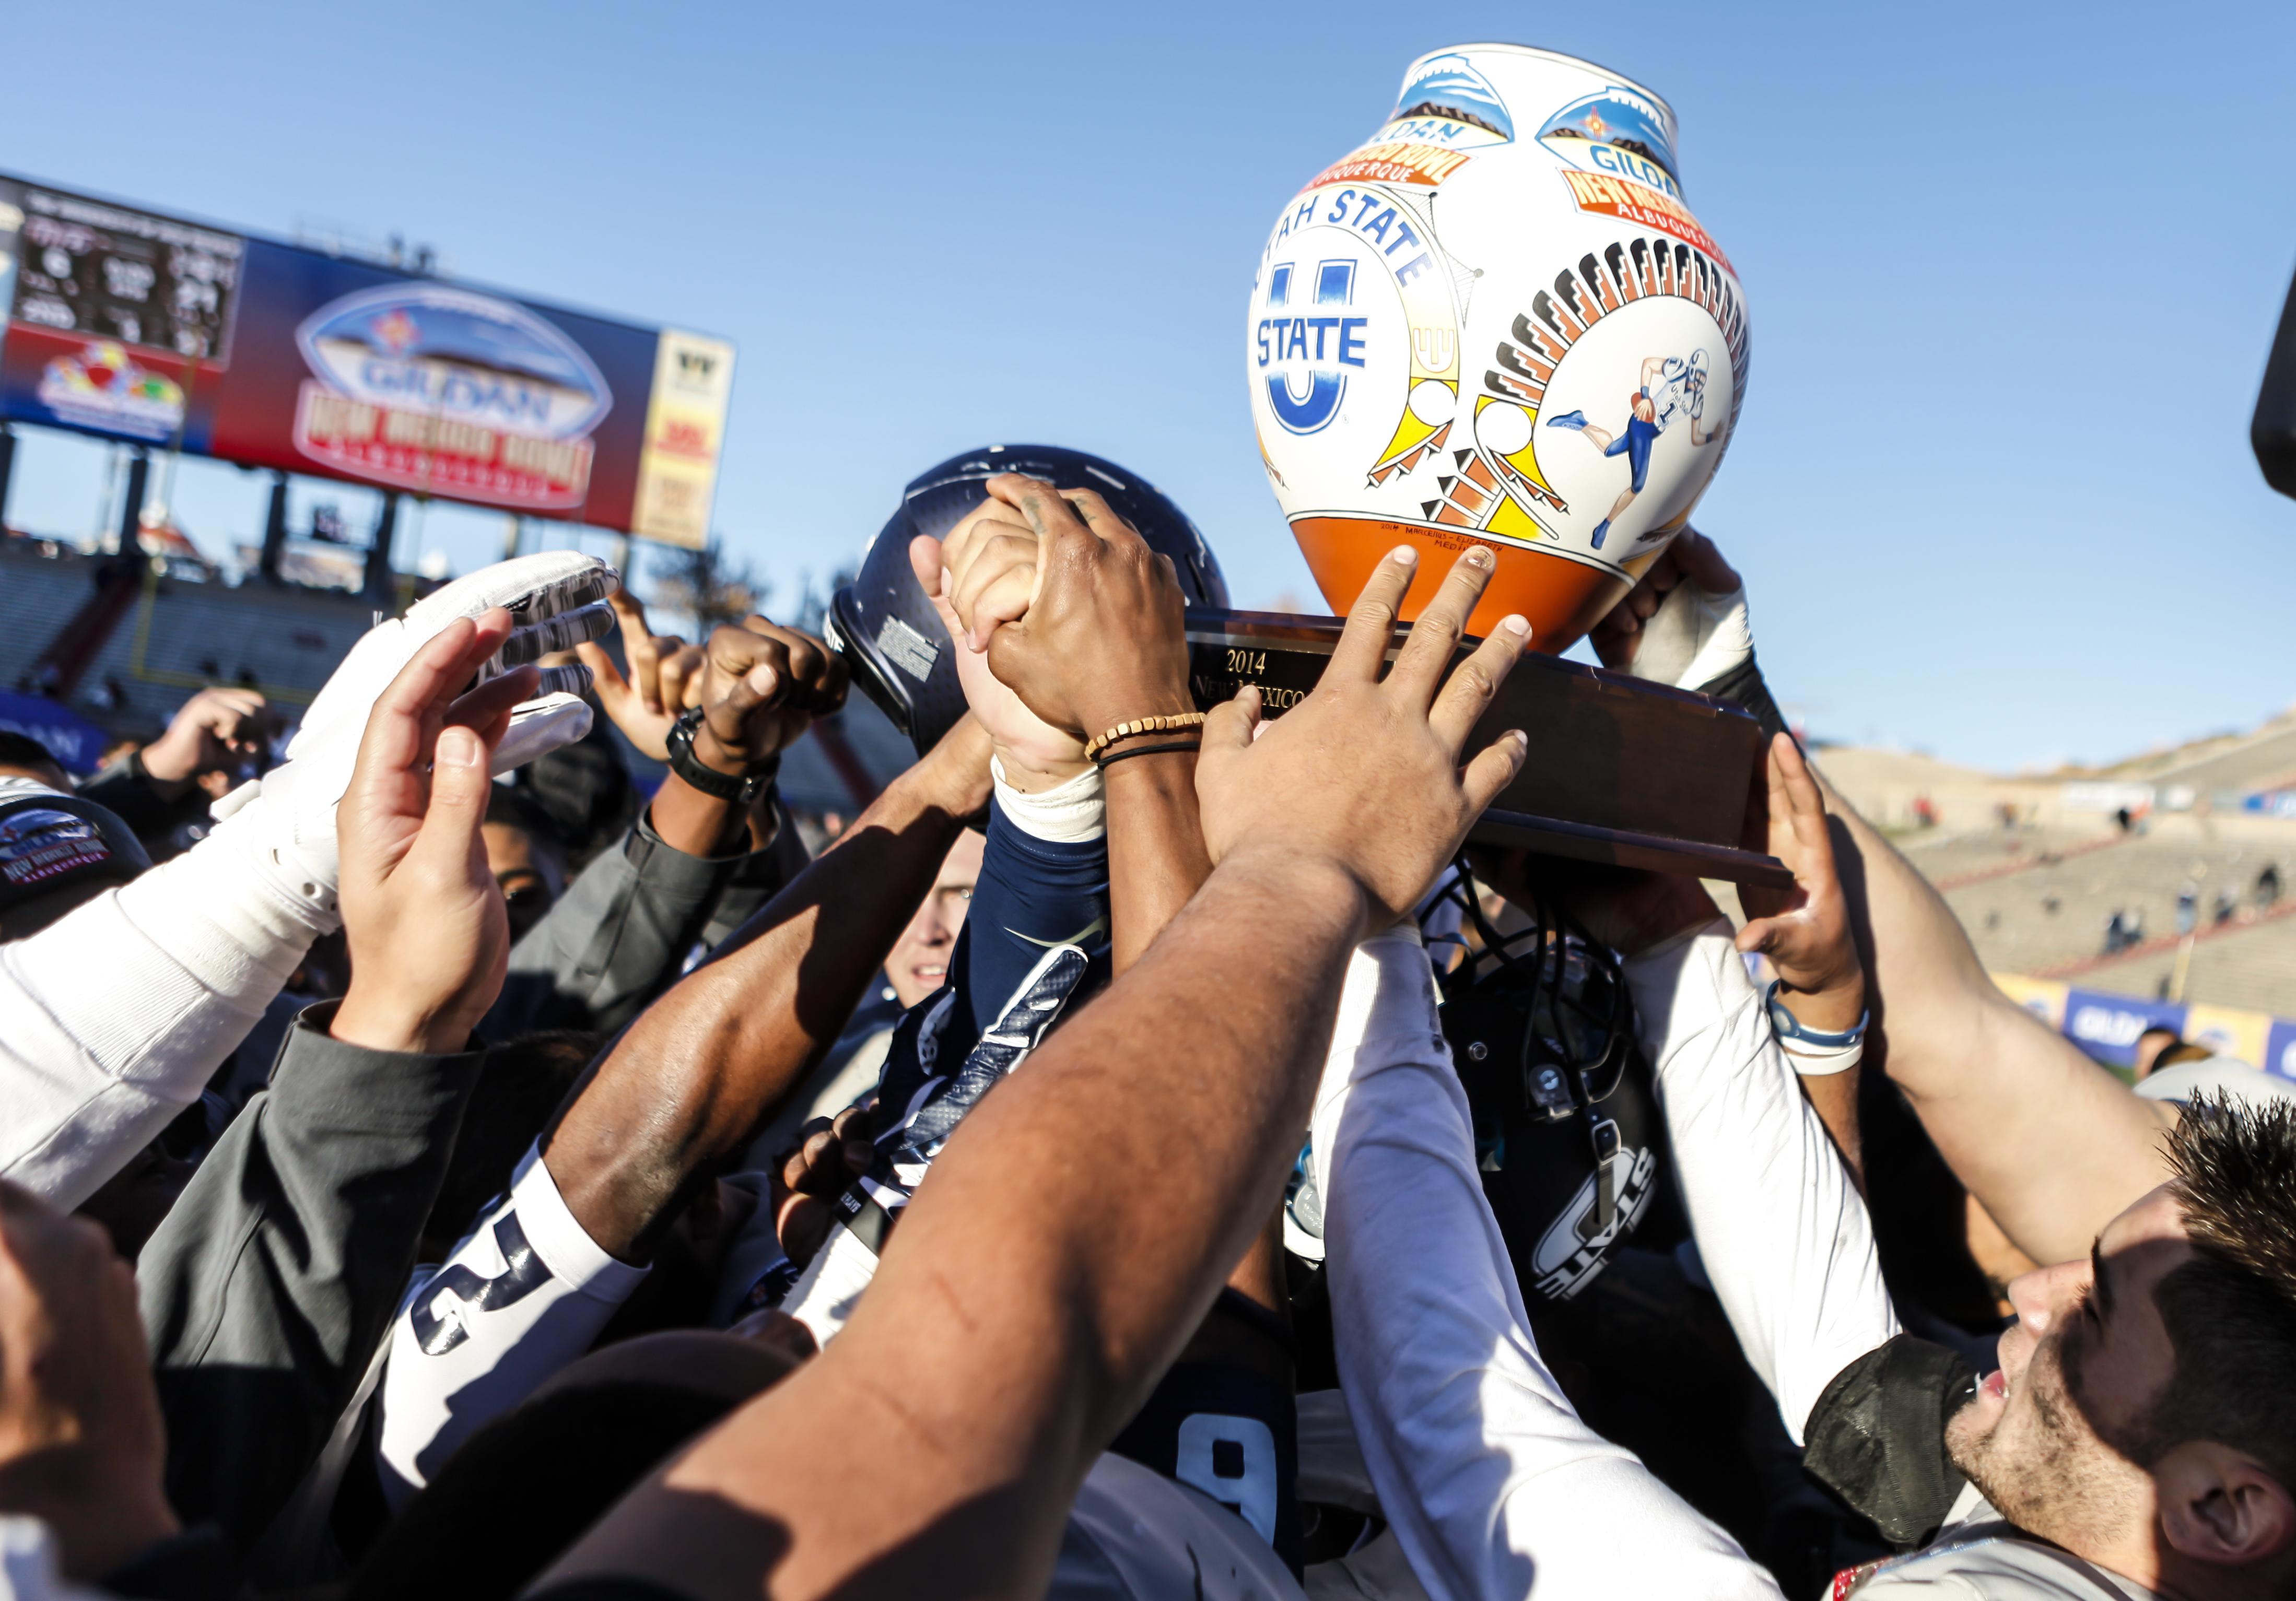 吉尔丹新墨西哥碗-犹他州立大学对UTEP